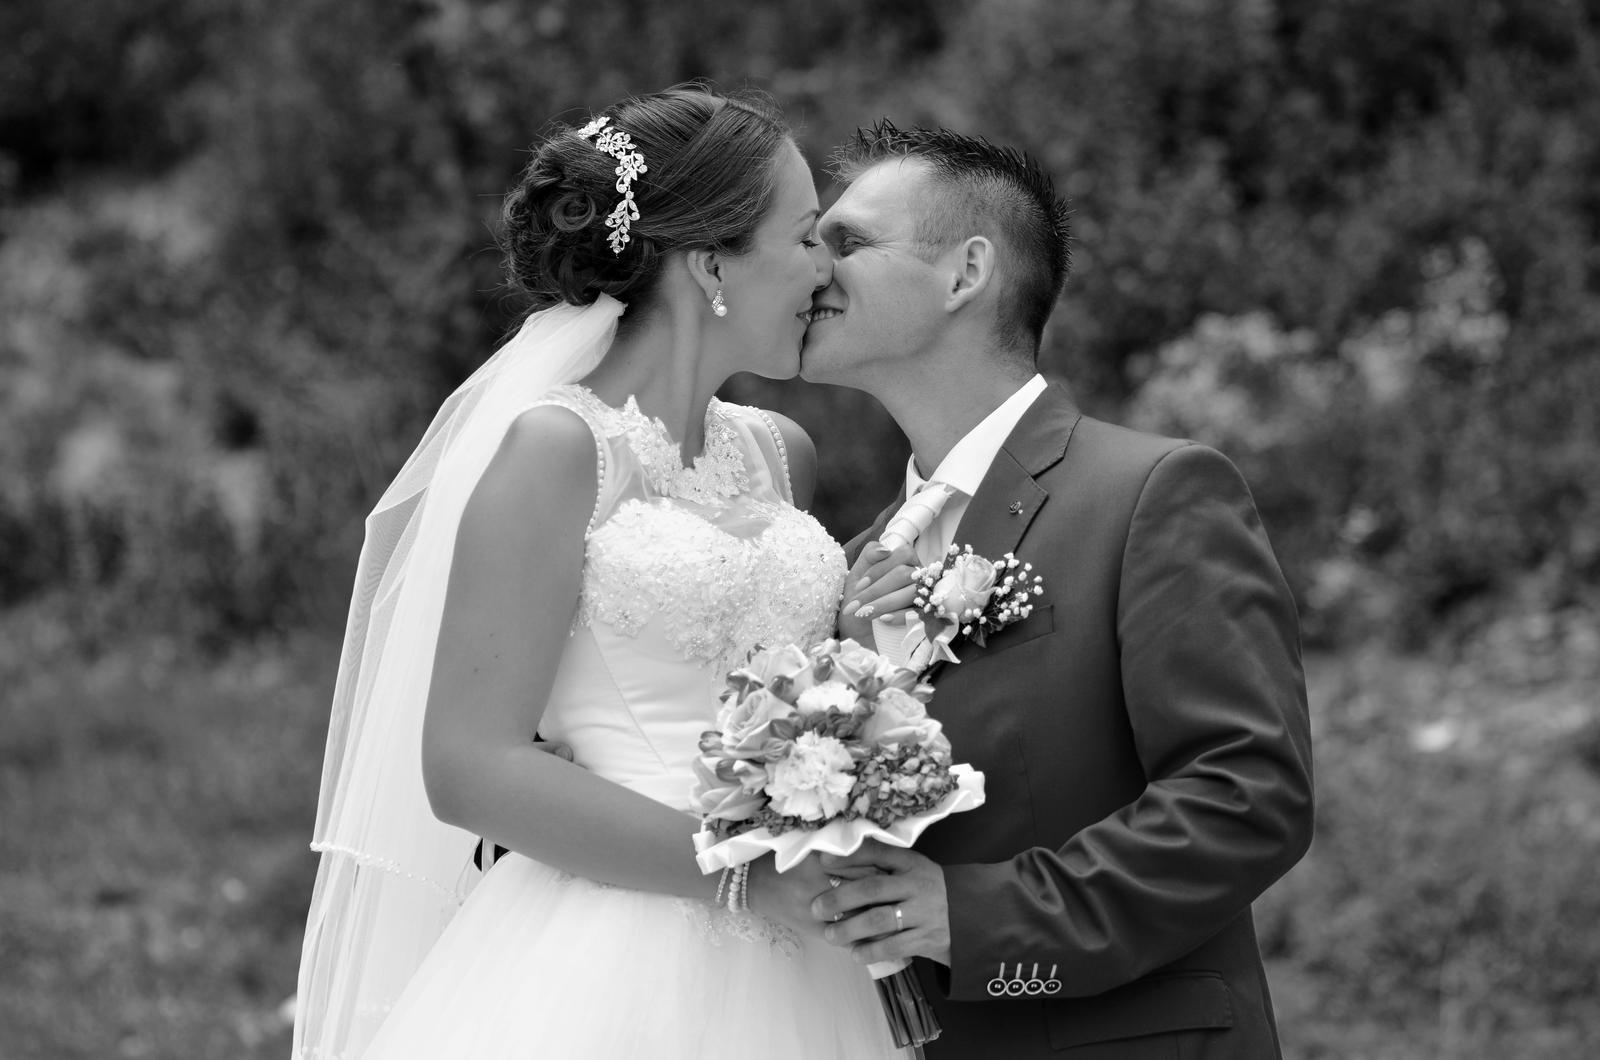 Augustová svadba :) Fotka... - Obrázok č. 1